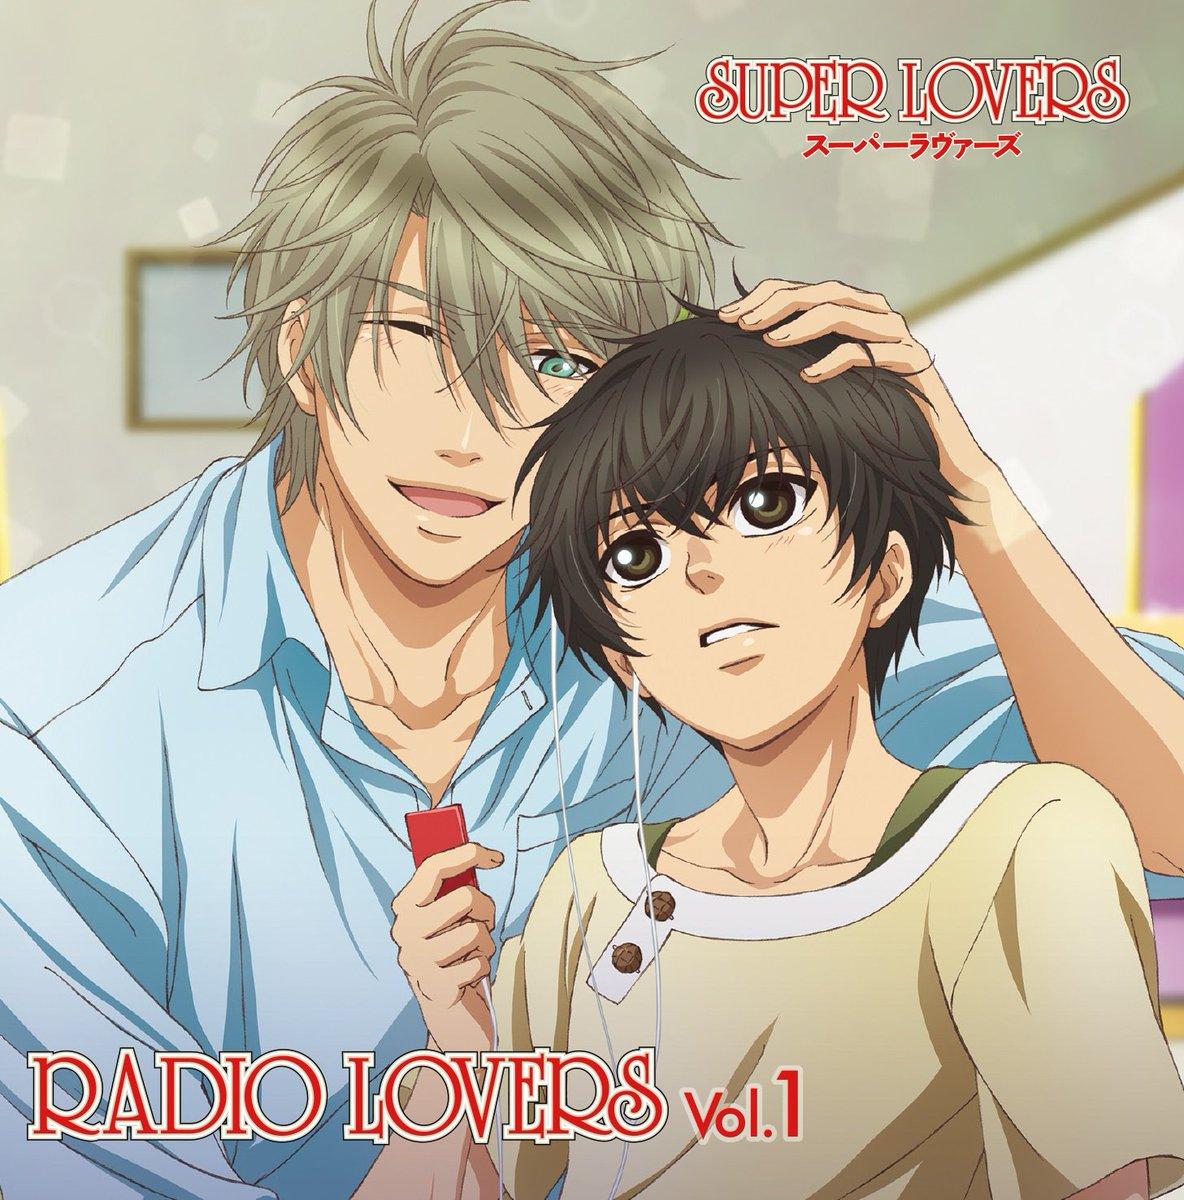 コミケ90<音泉>&音martブースにて、ラジオCD『TVアニメ「SUPER LOVERS」RADIO LOVERS』V